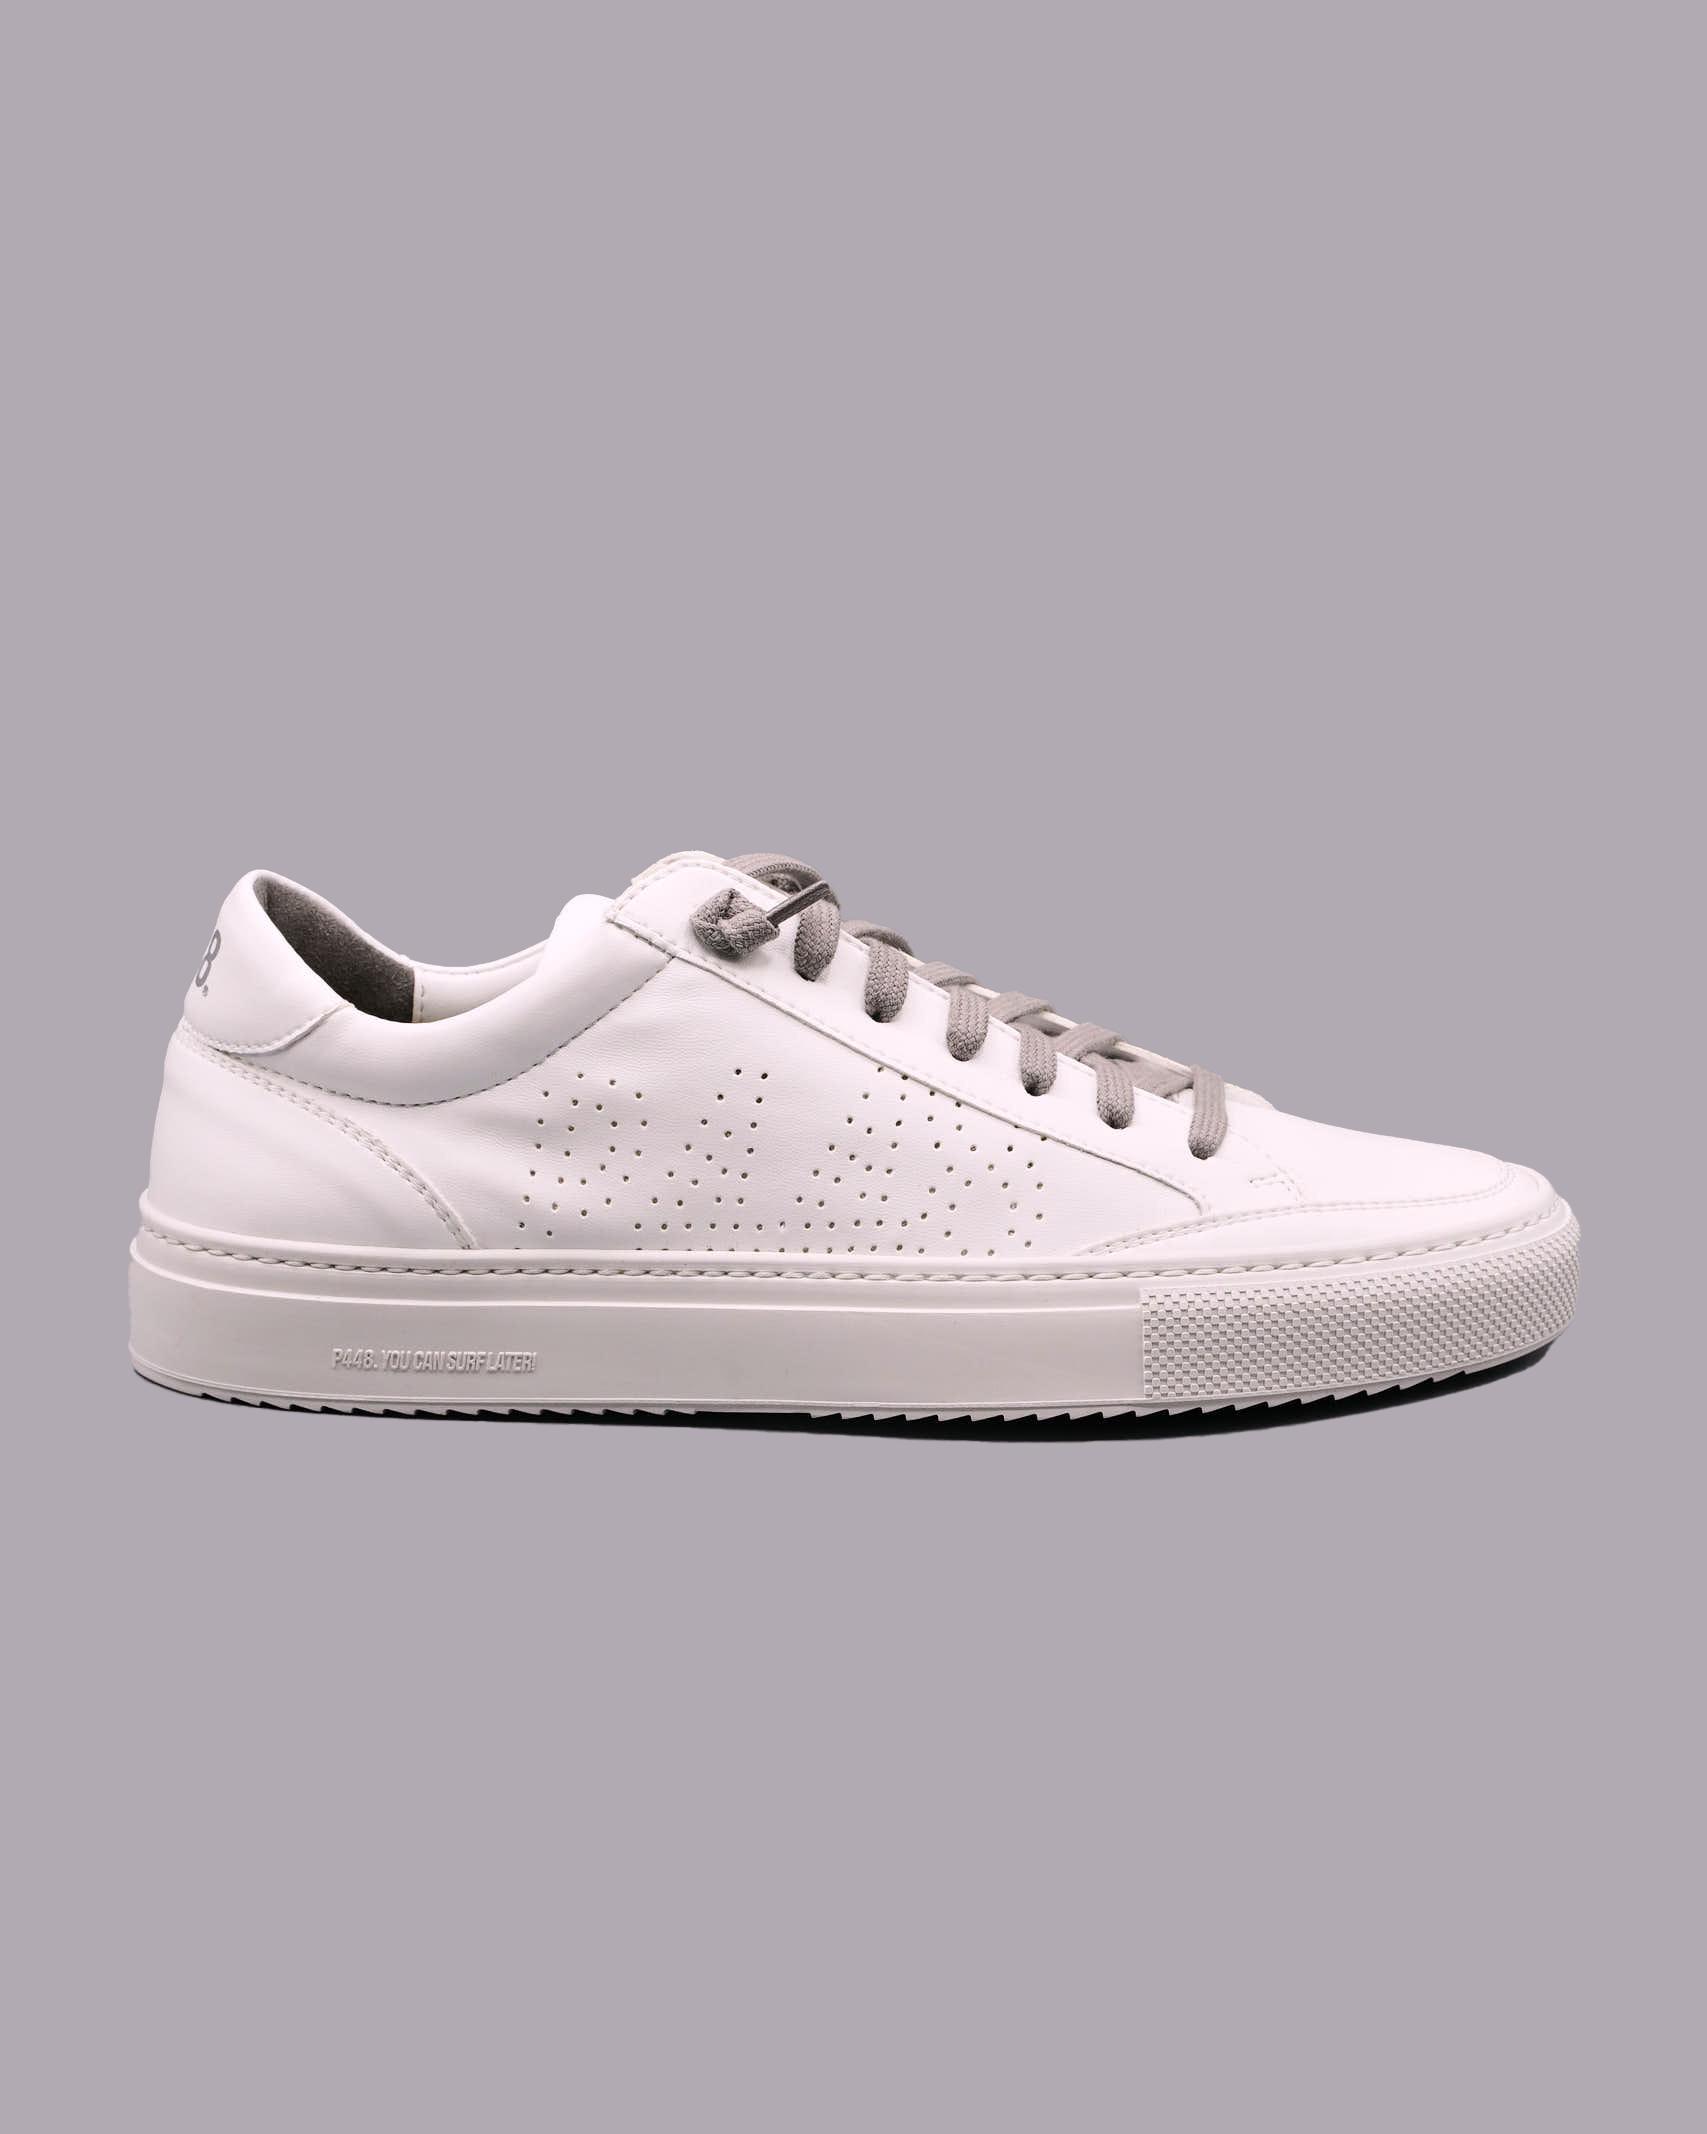 Sneaker total white P448 P448 | Sneakers | BSOHOWHI